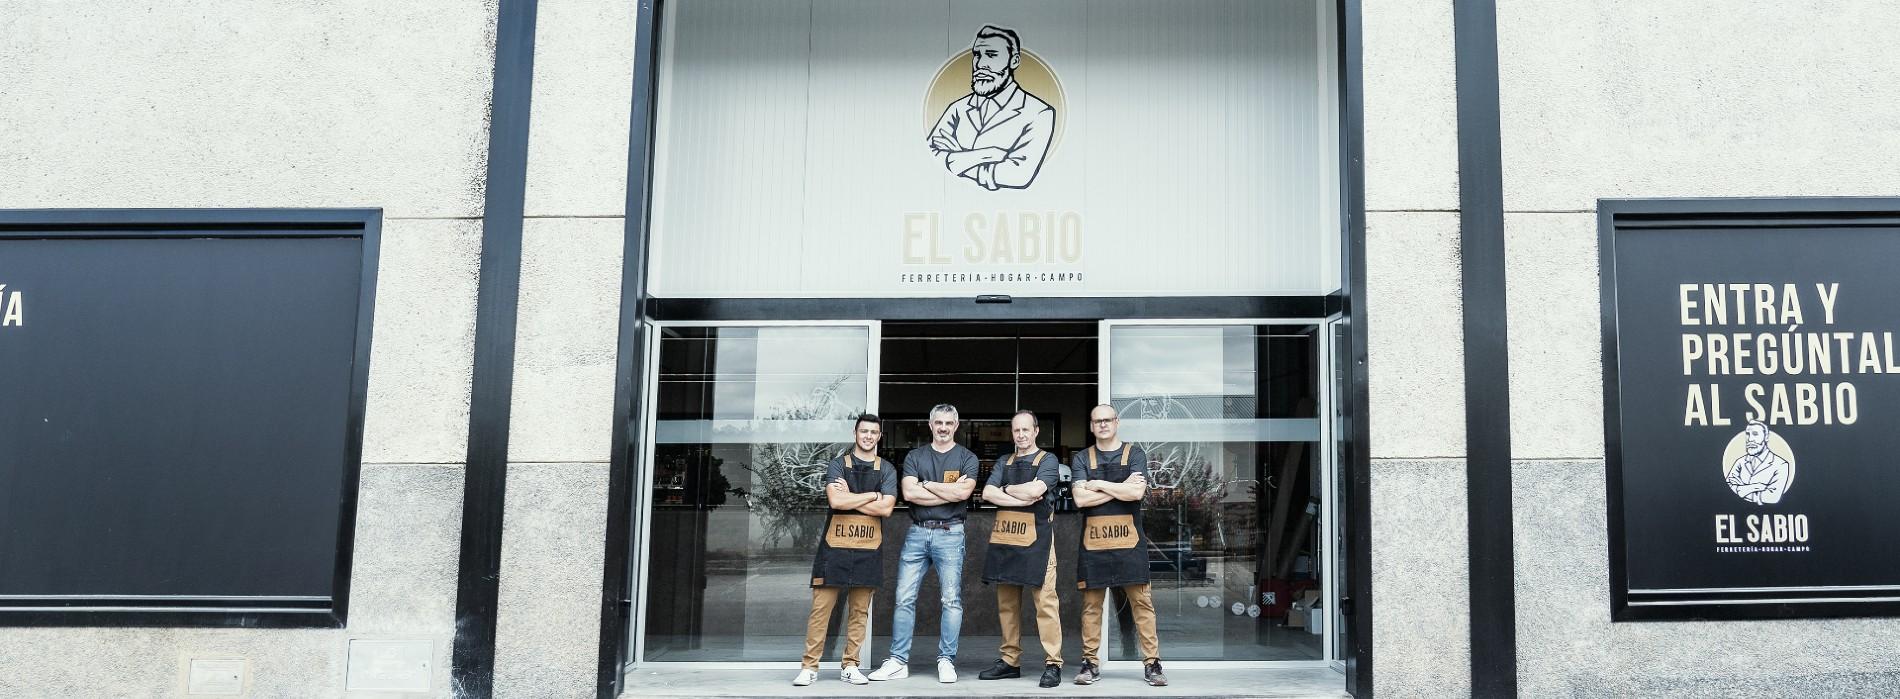 El Sabio abre en Villanueva de la Serena su segunda ferretería en Badajoz